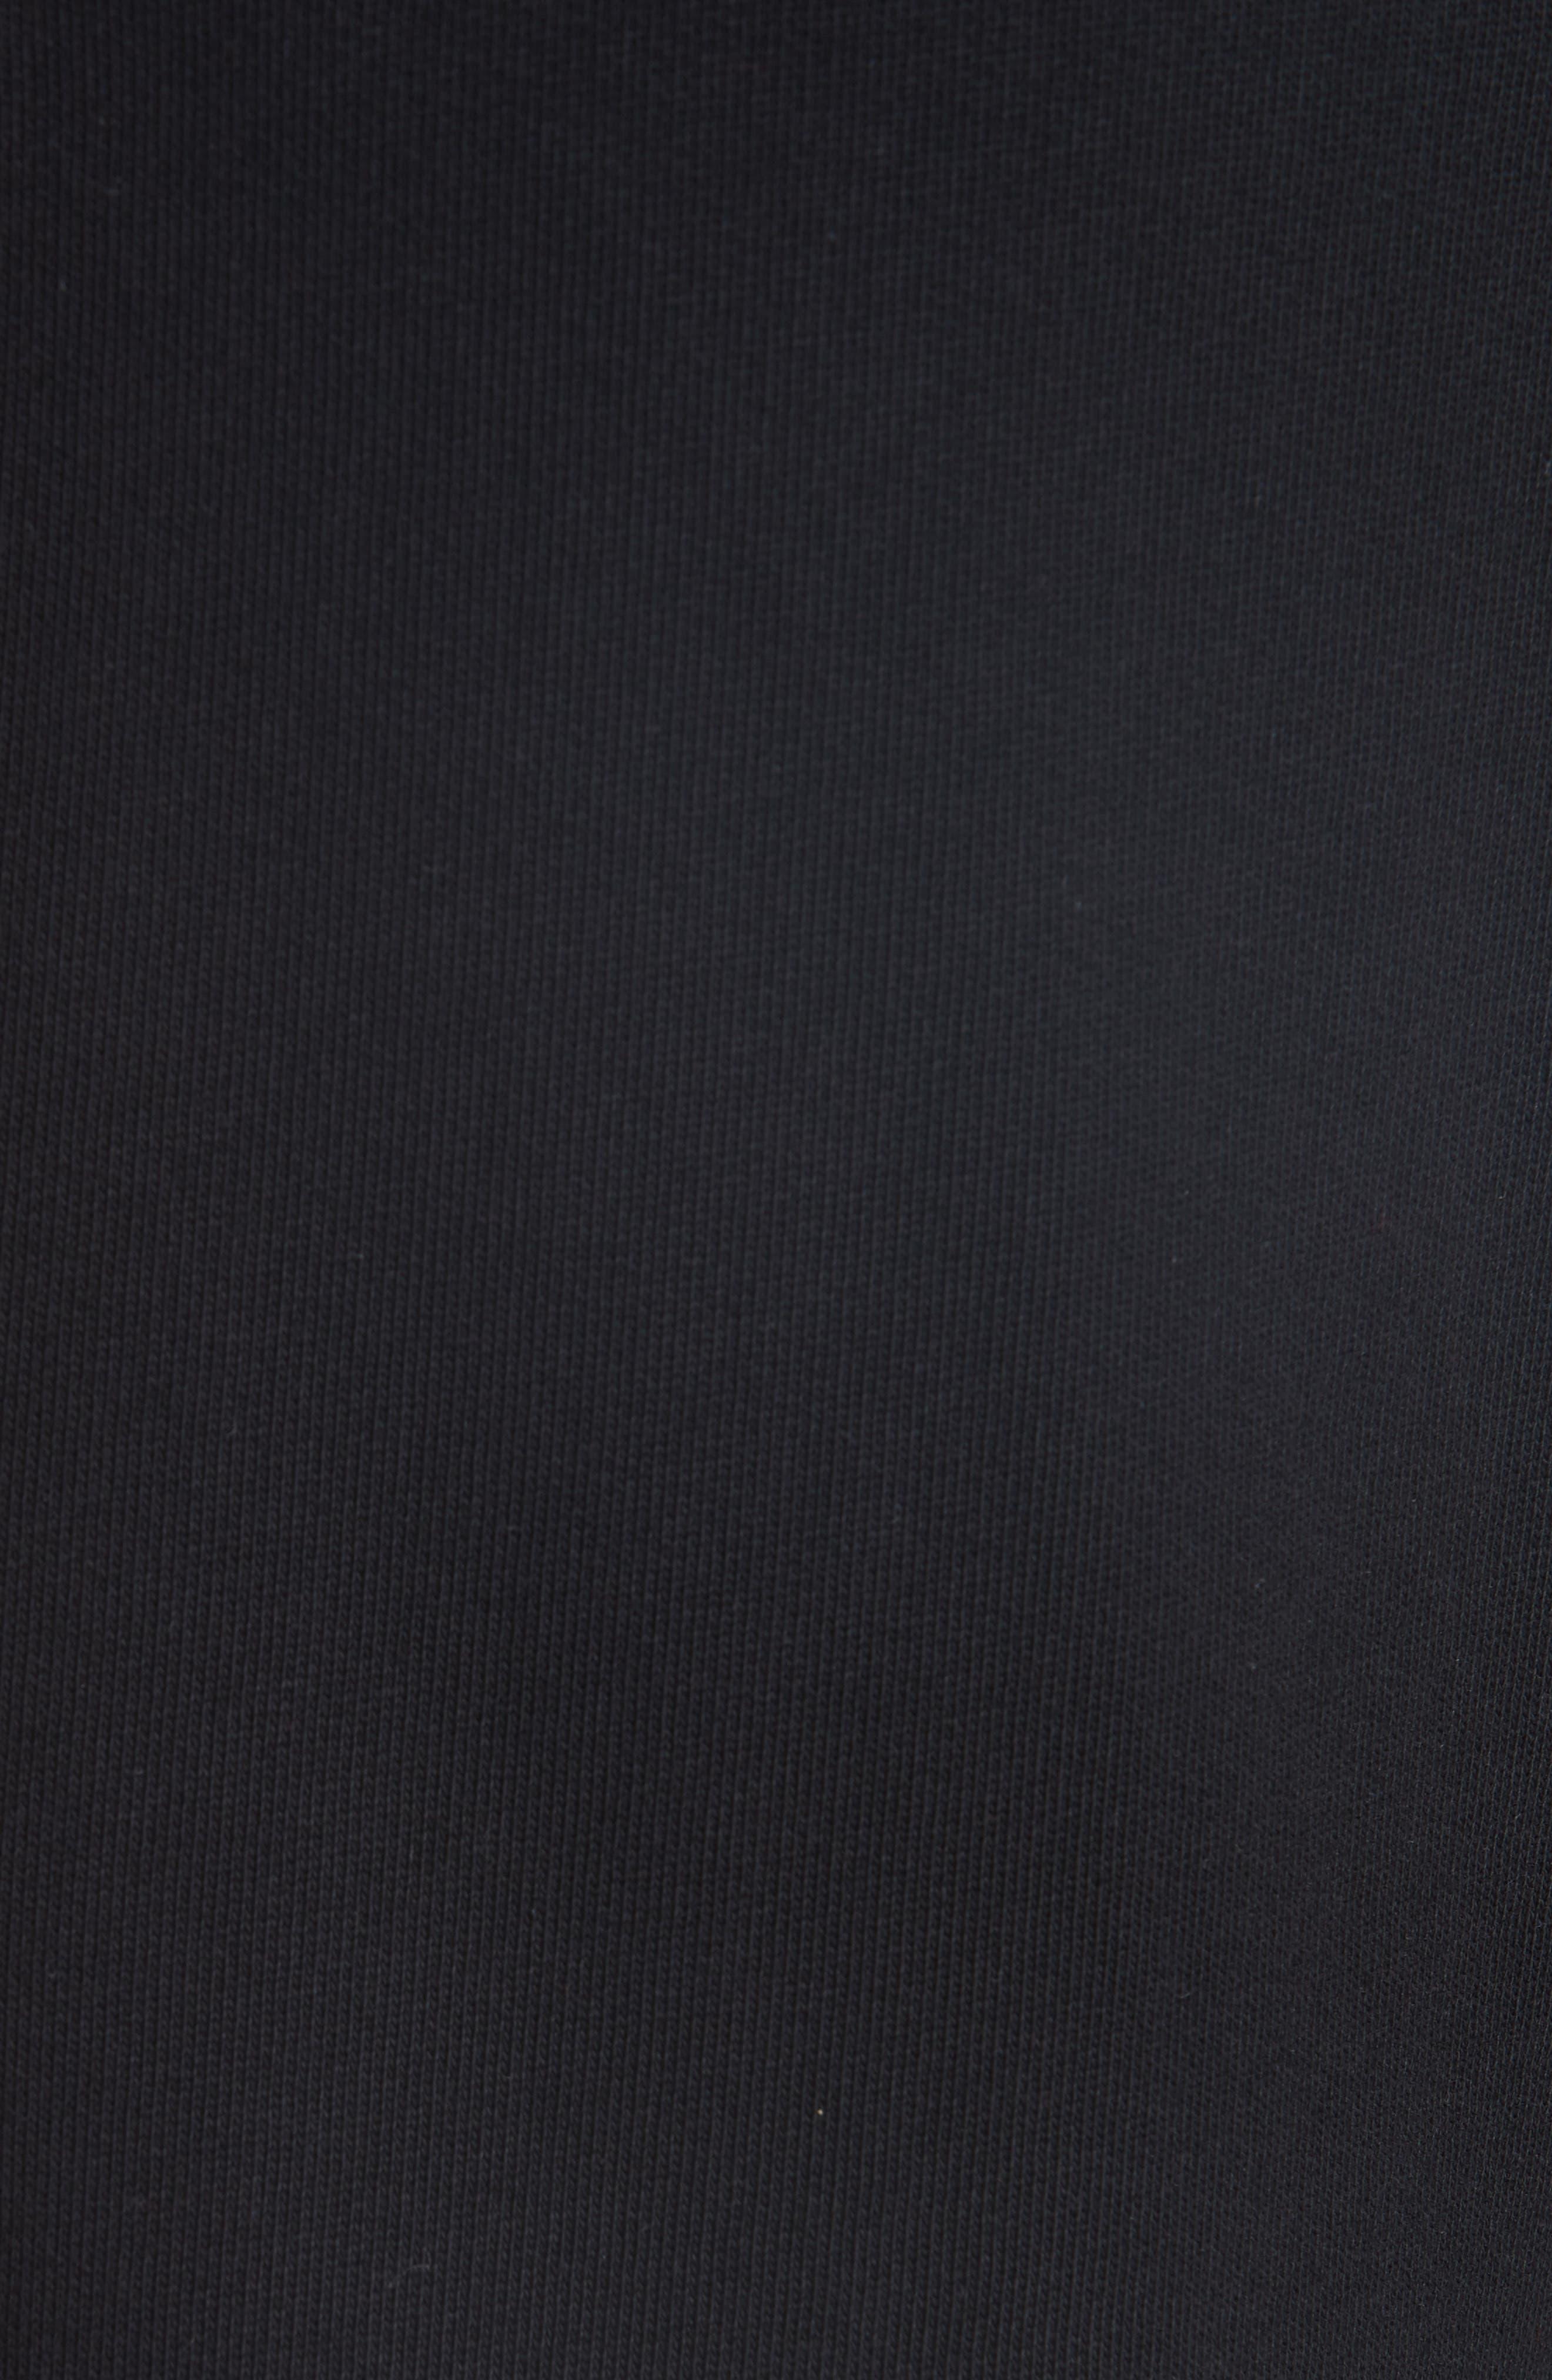 Knit Bermuda Shorts,                             Alternate thumbnail 5, color,                             BLACK